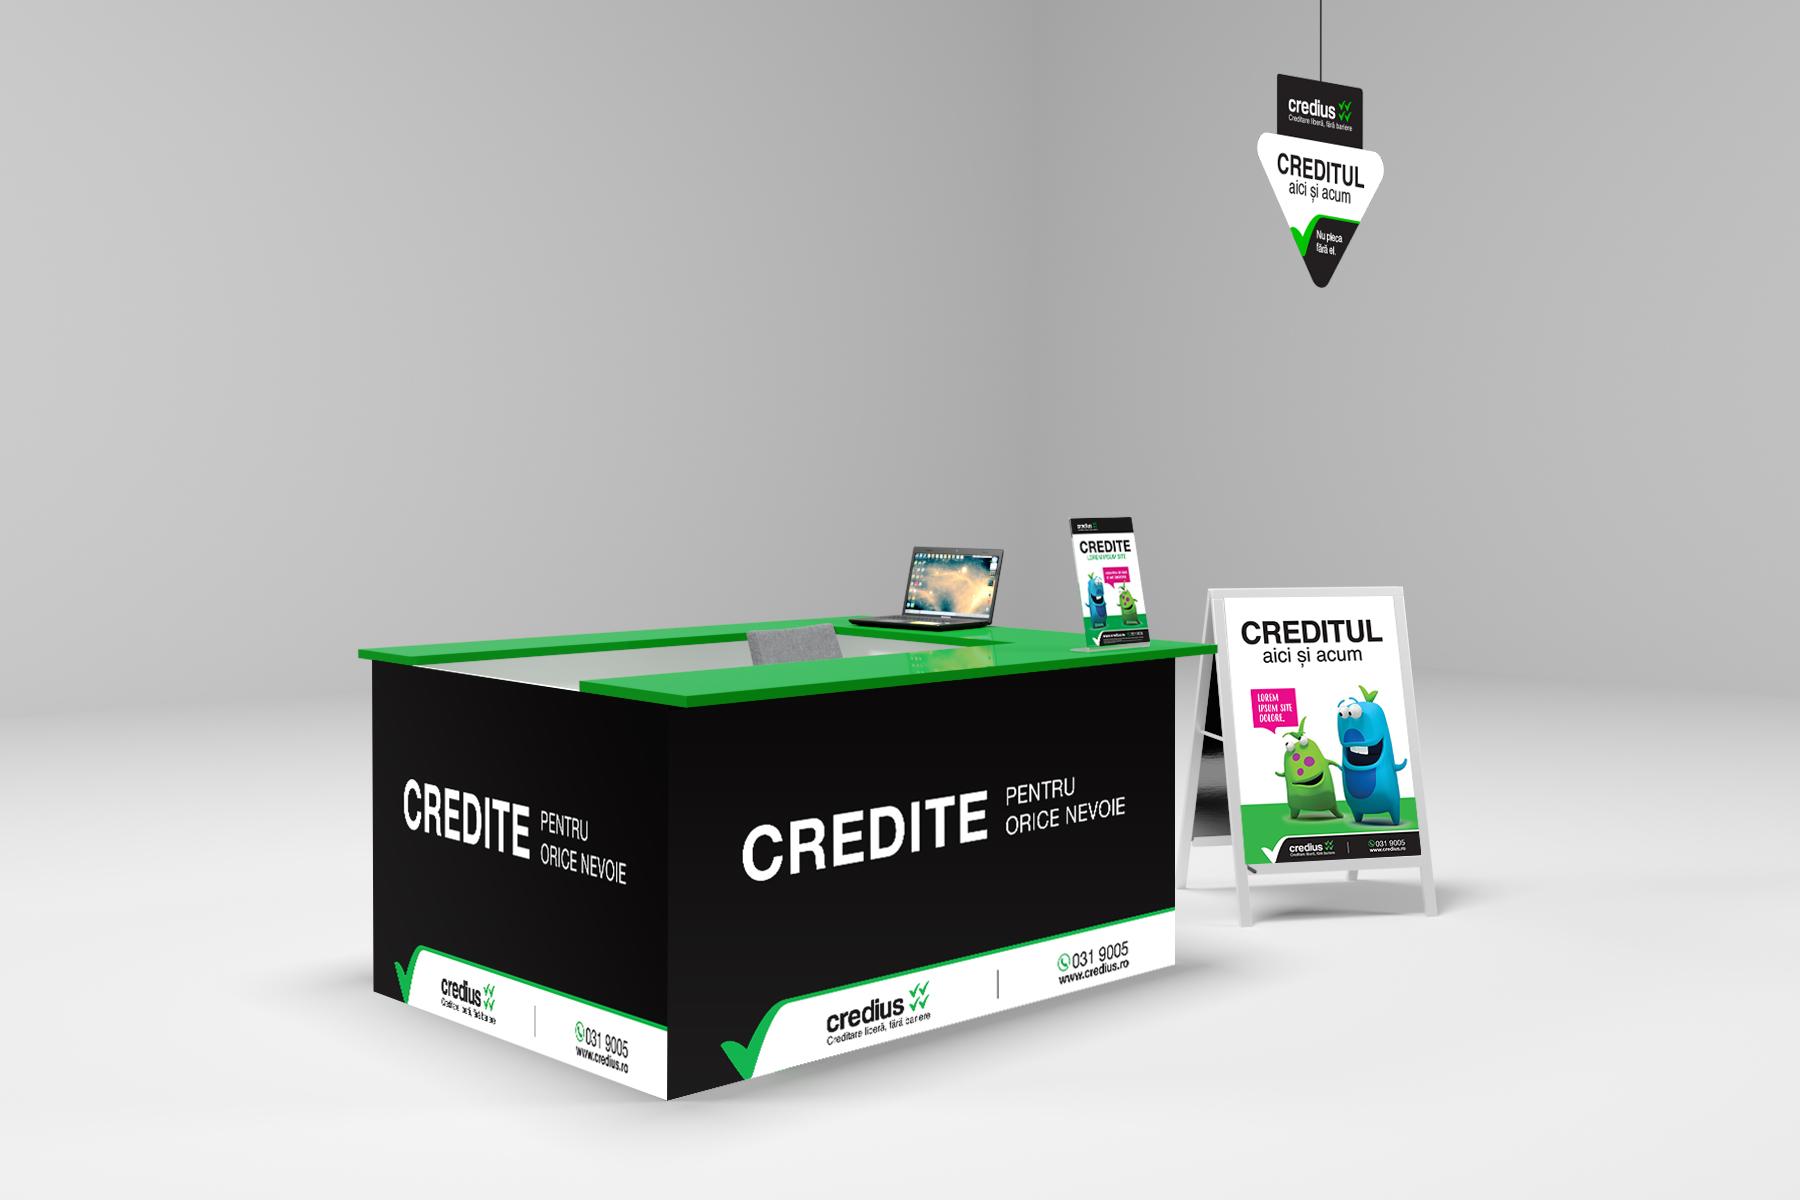 credius branding insula